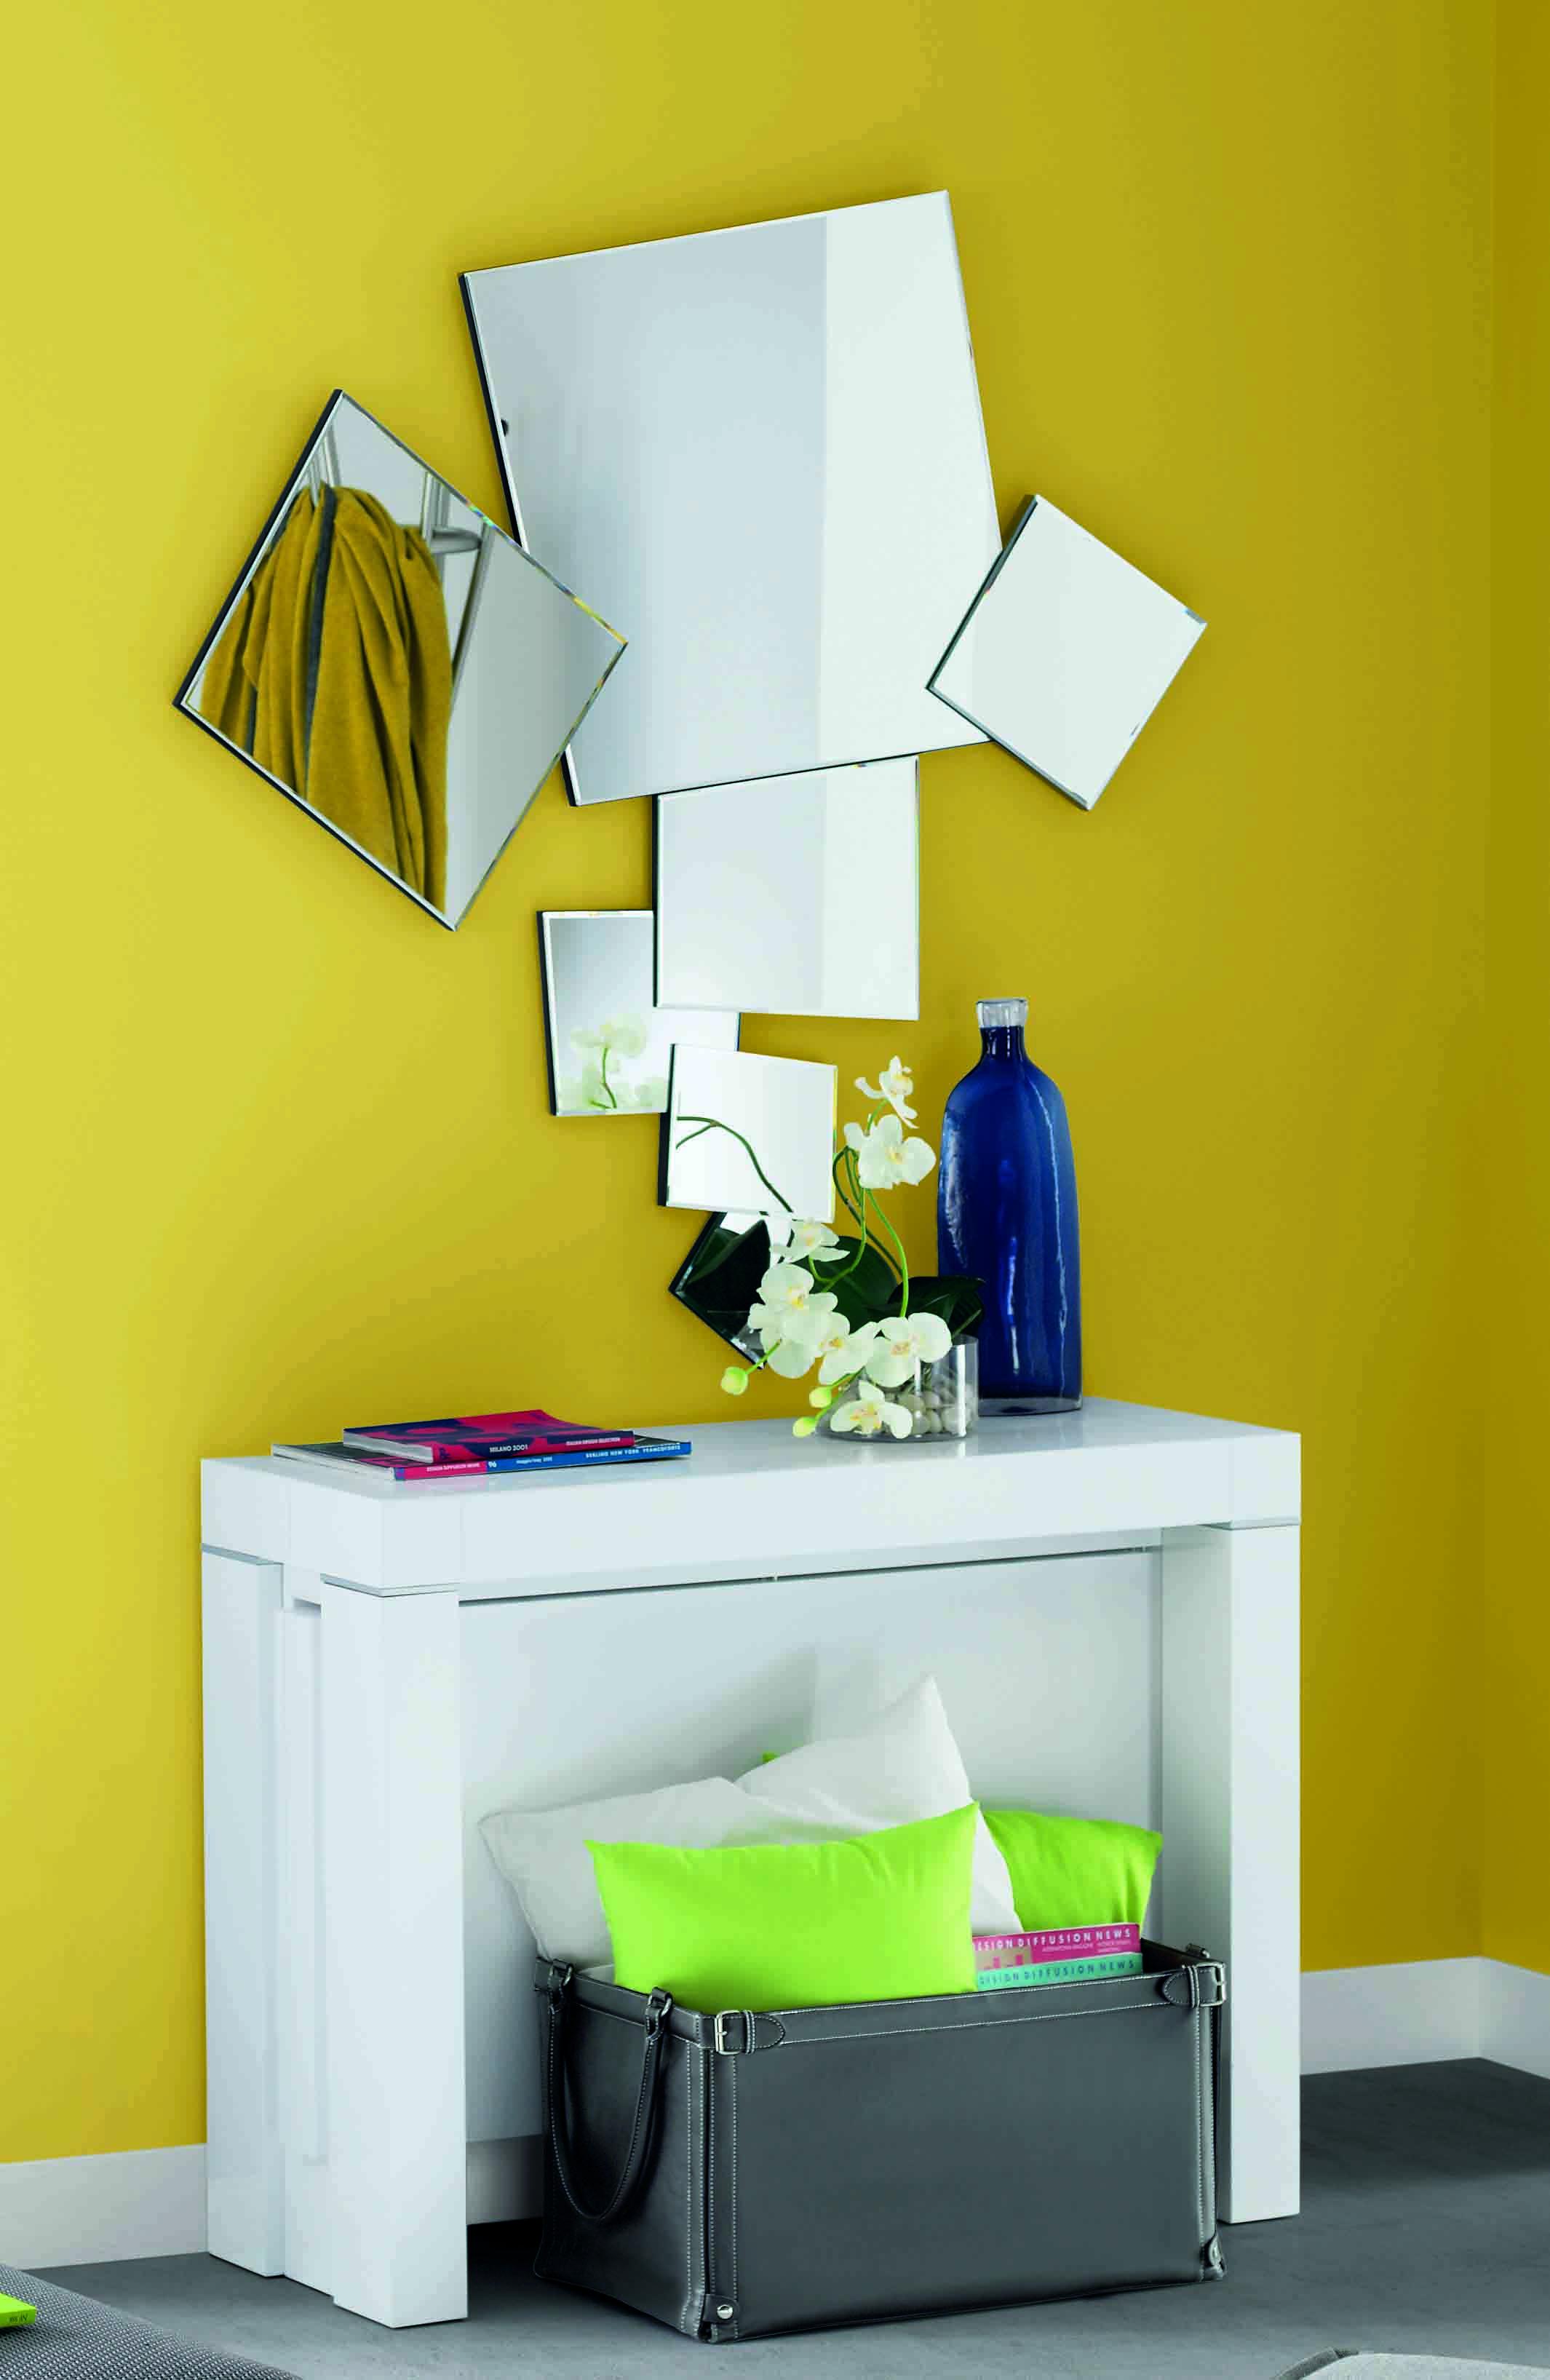 Recibidores Con Espejos Una Buena Idea De Decoraci N  # Muebles Kibuc Ulla